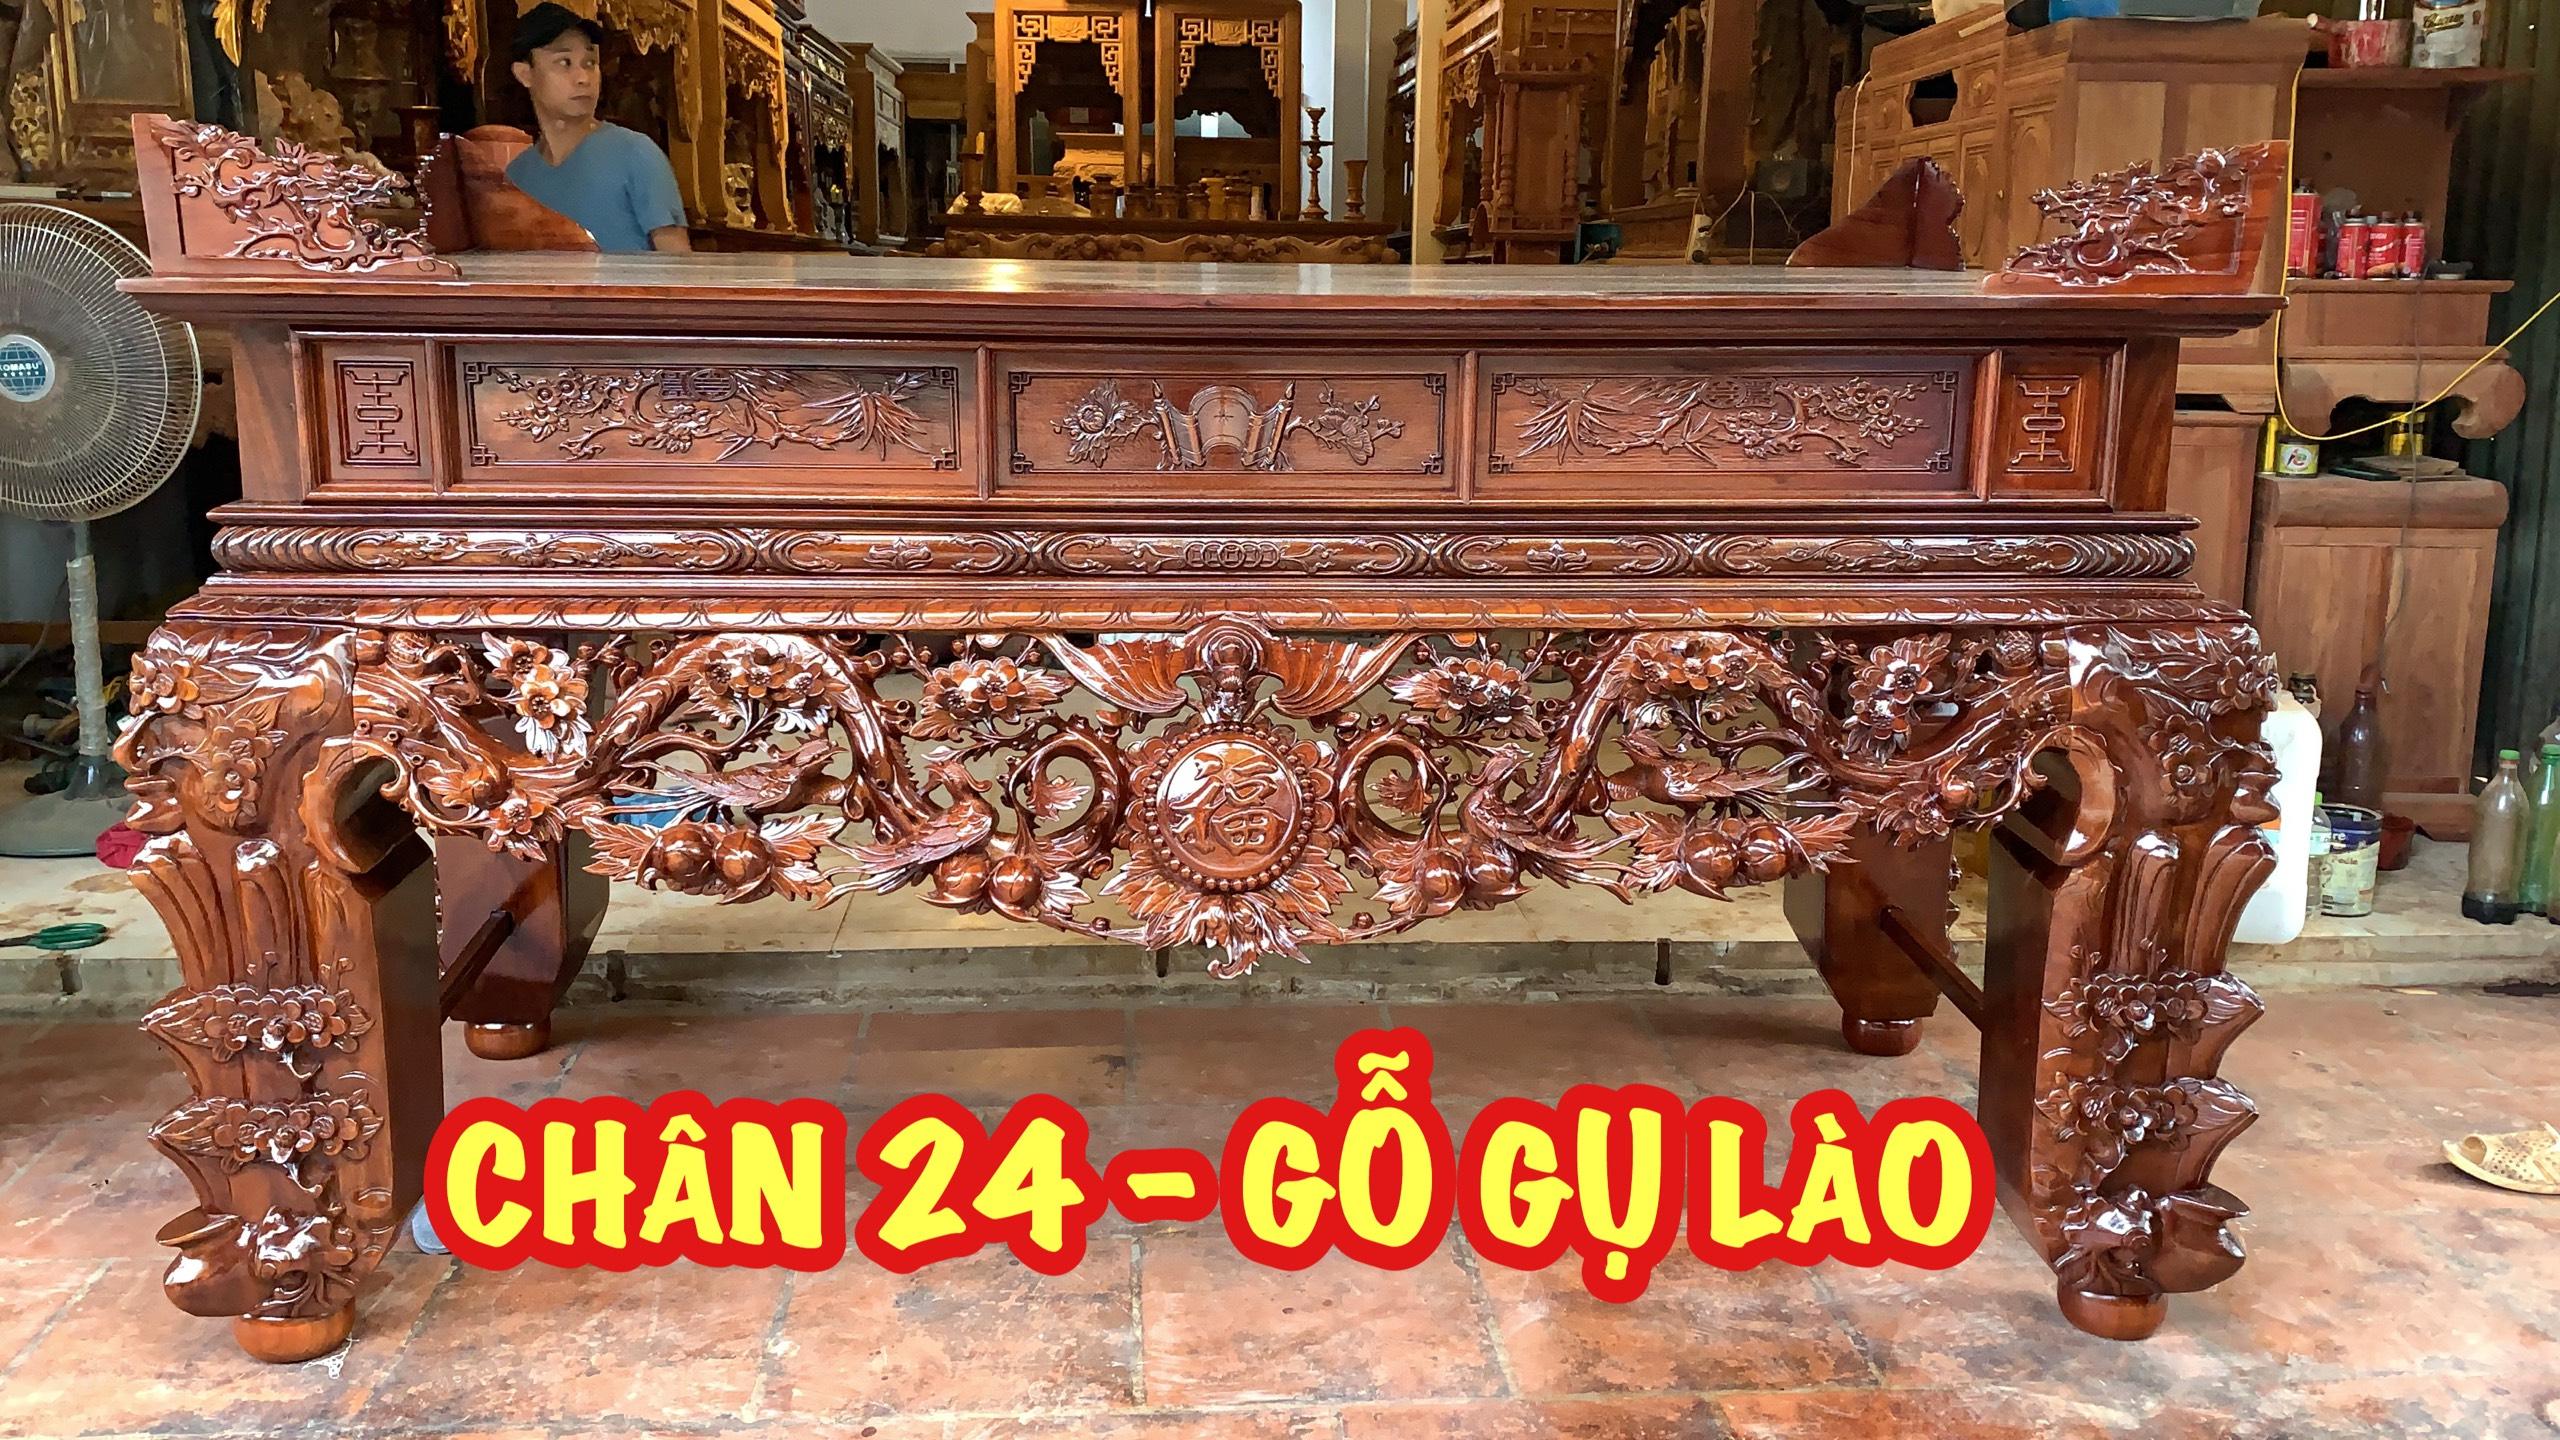 chan 24 sap tho mai dieu - Bộ sập thờ Mai Điểu nhị cấp chân 24 và bàn cơm gỗ gụ (đục tay 100%)